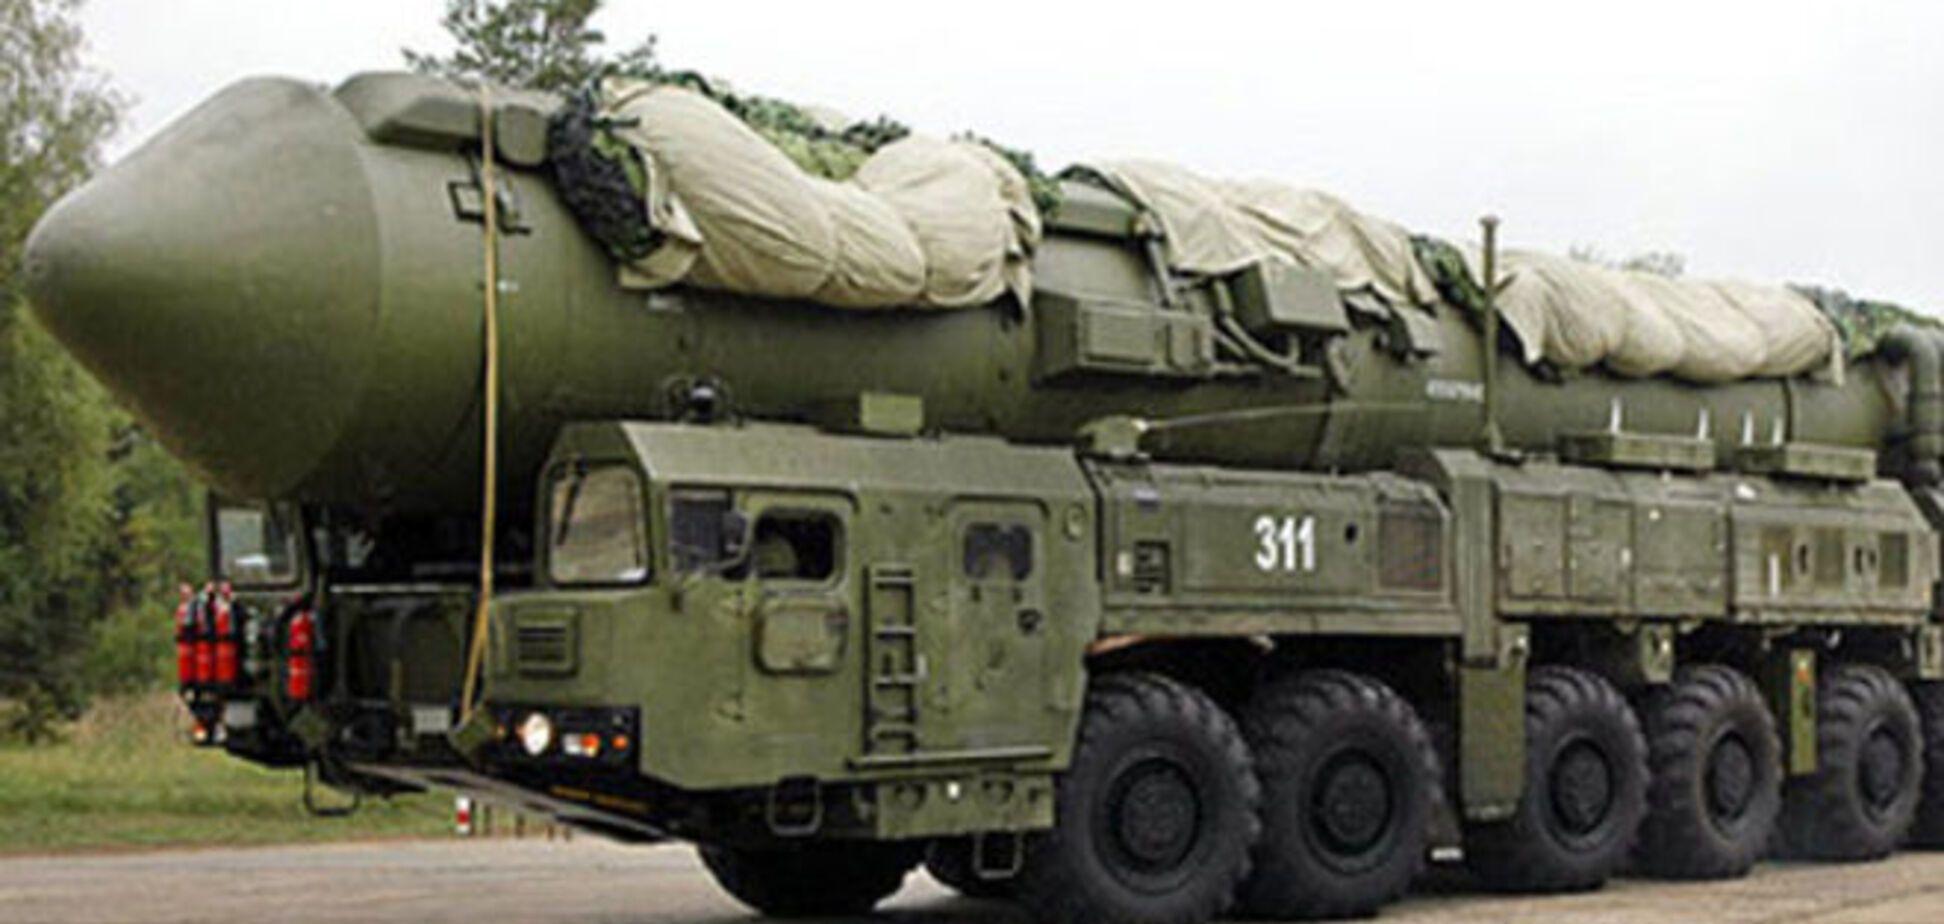 10 міфів про ядерне роззброєння України